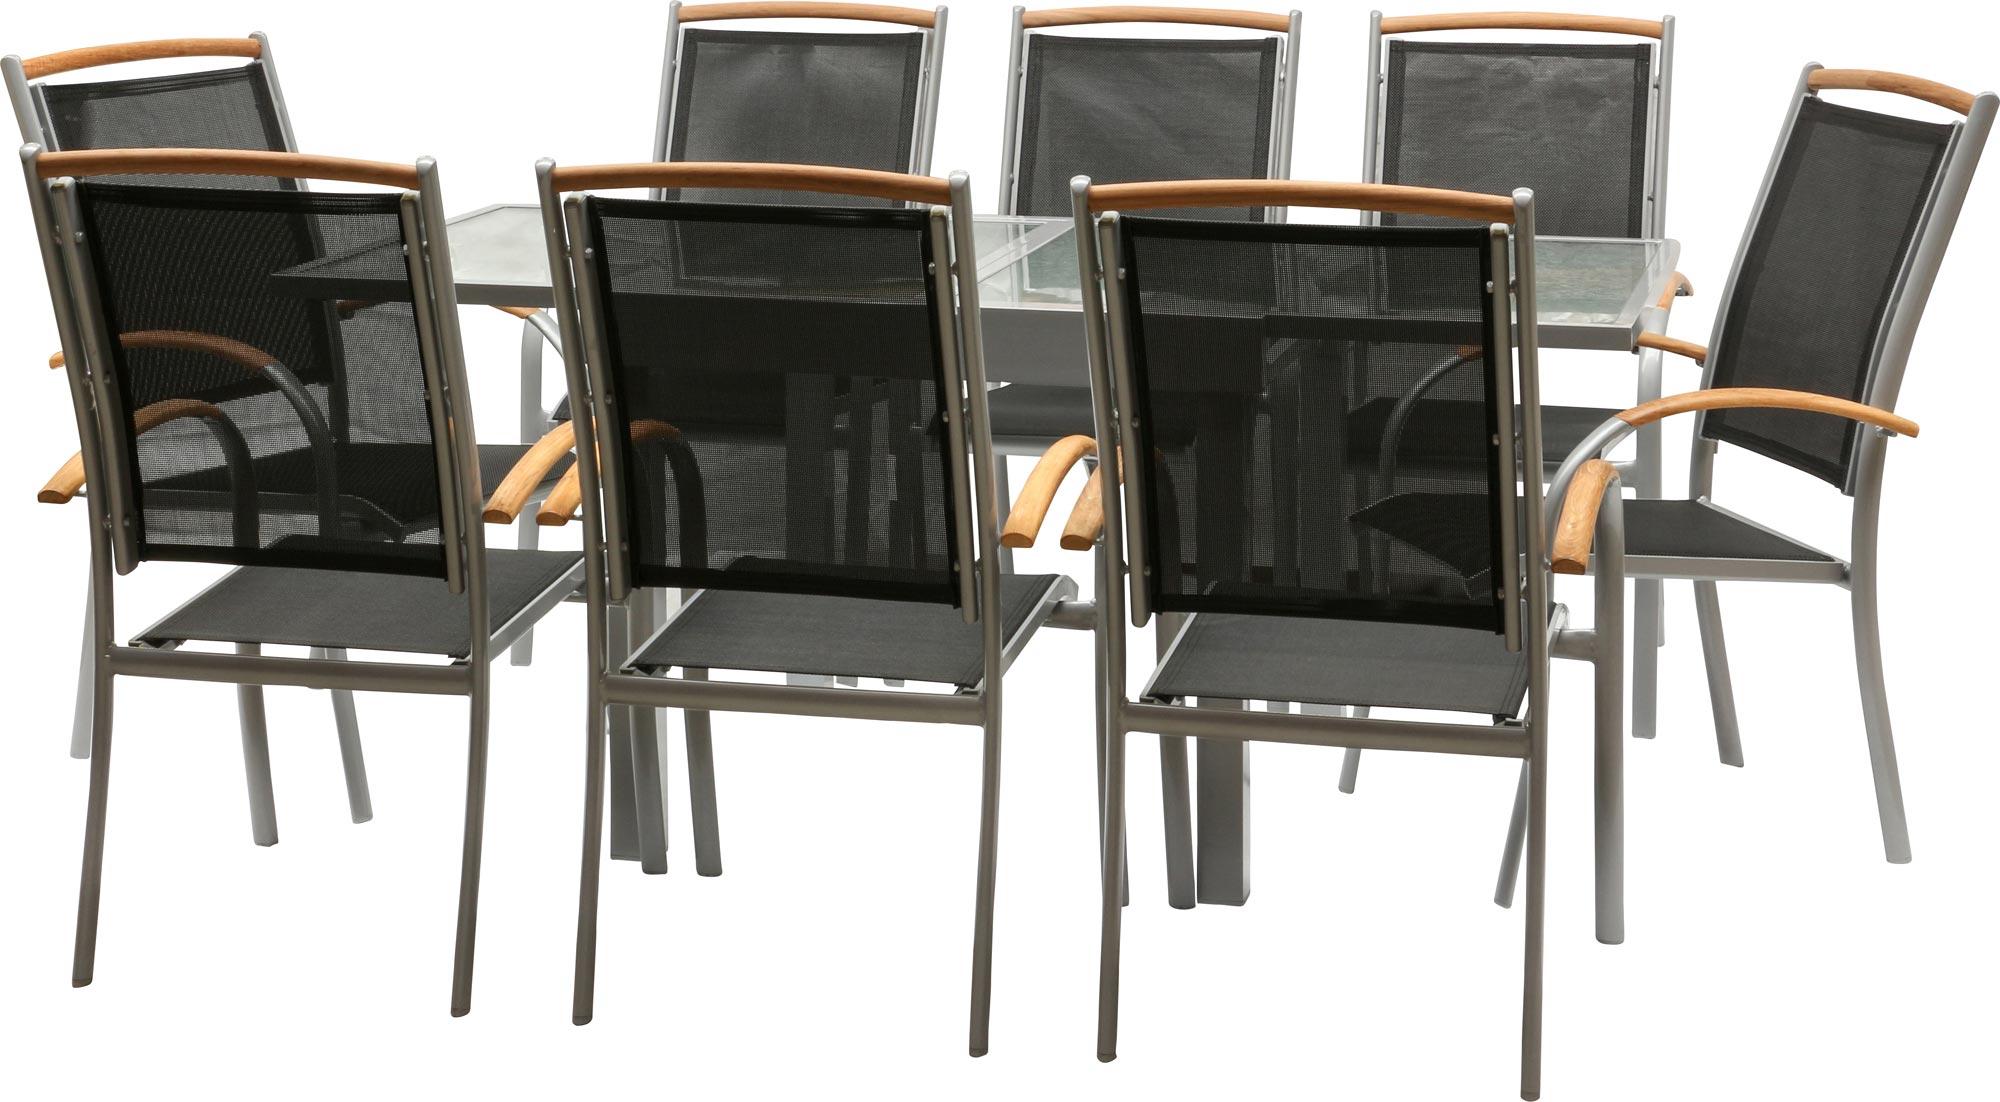 Salon de jardin diplomat quadro chaise empilable 3 for Chaises empilables